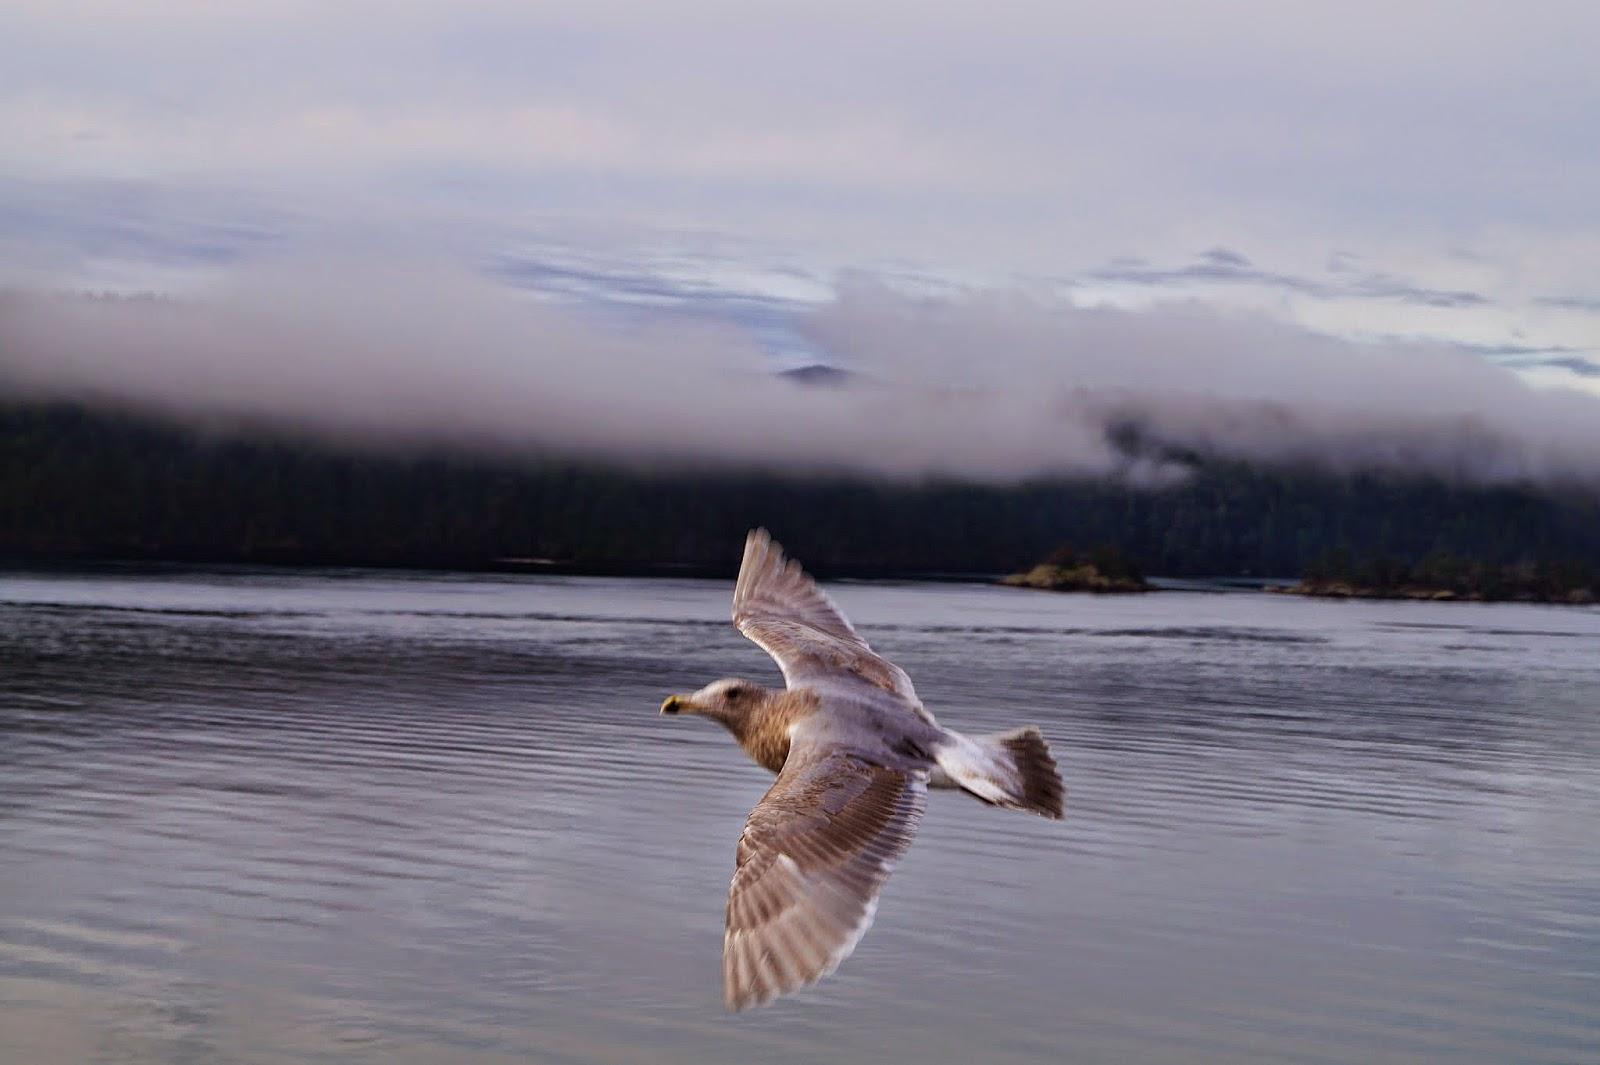 чайки, летящие рядом с паромом